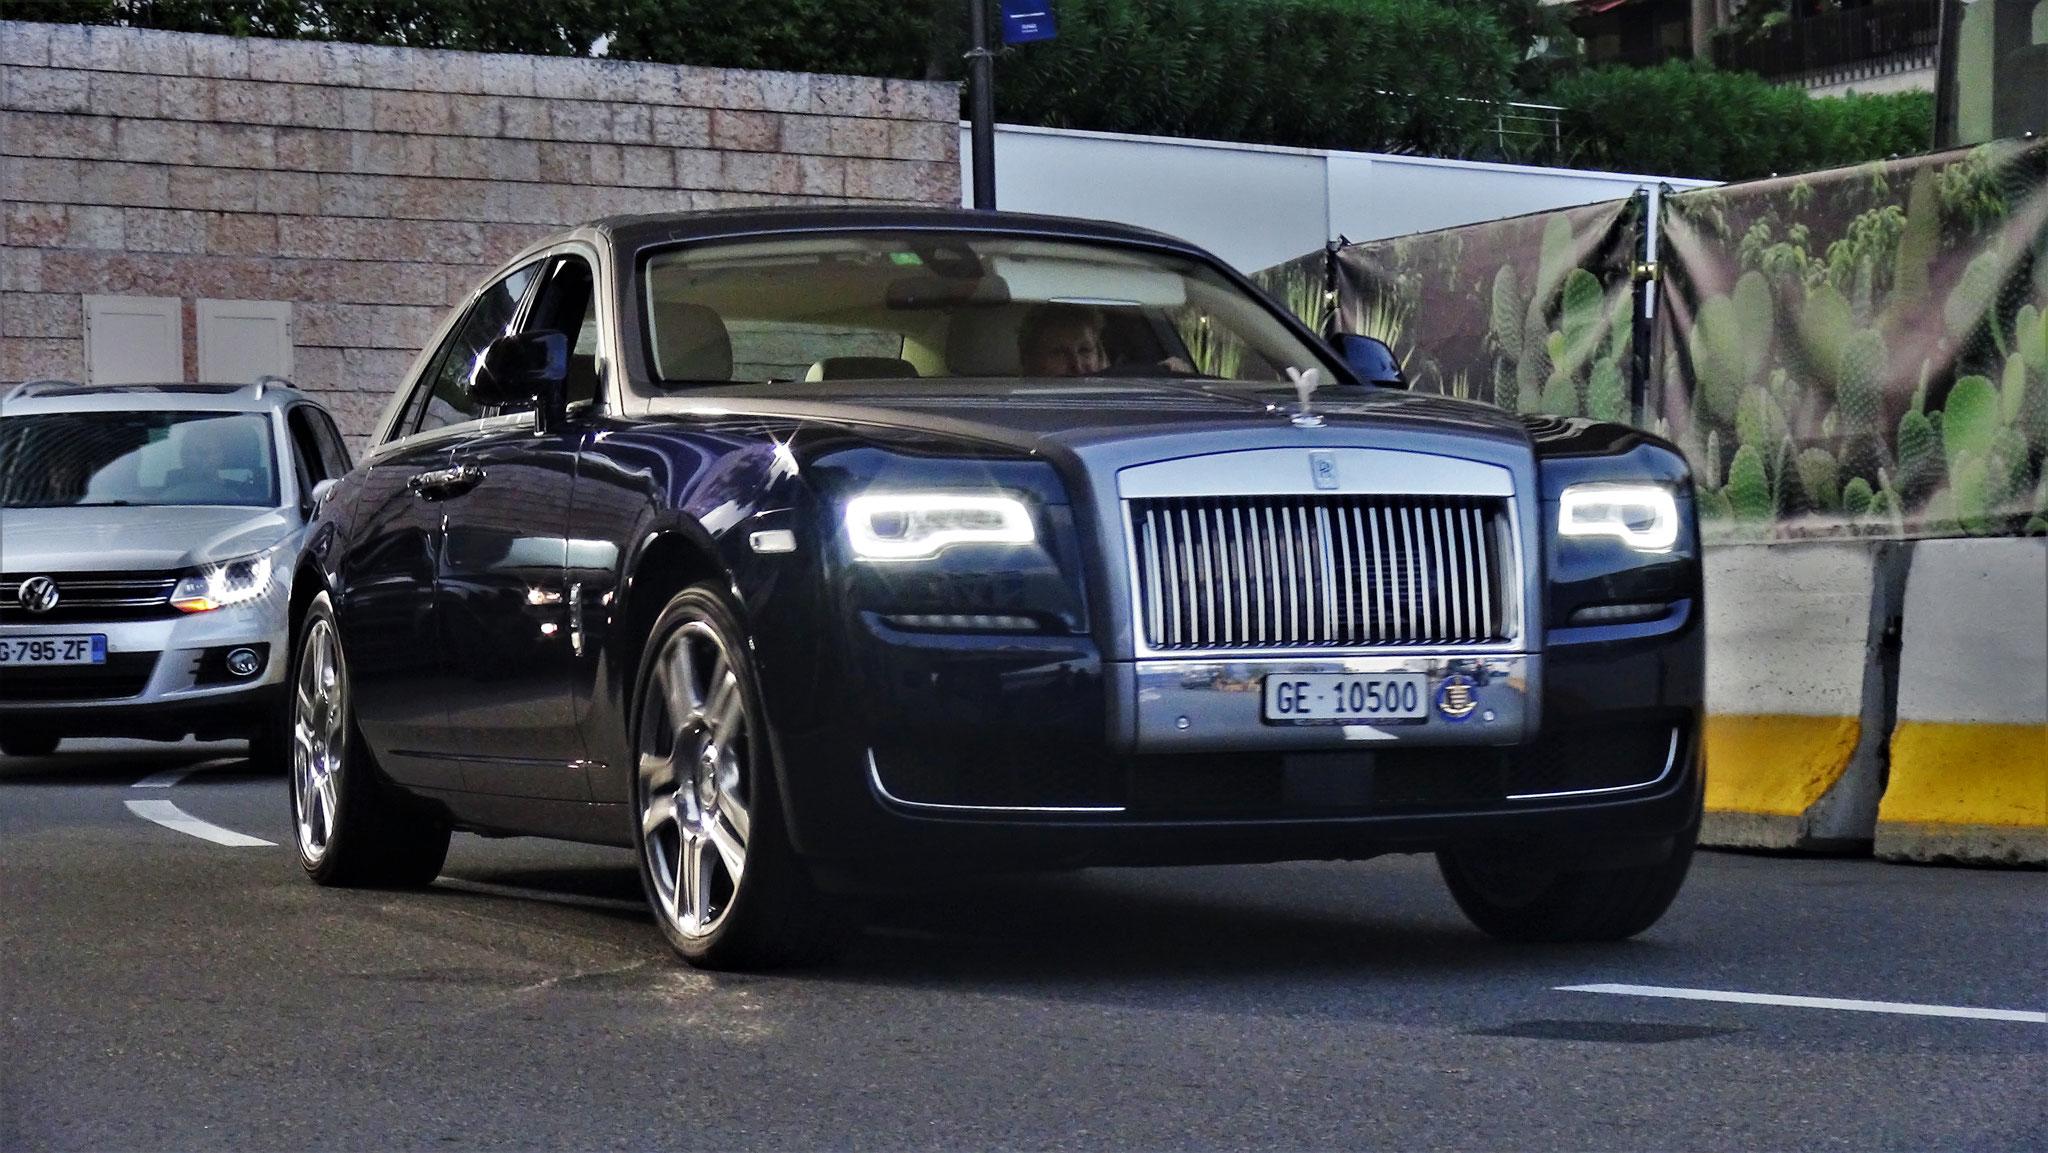 Rolls Royce Ghost Series II - GE-10500 (CH)